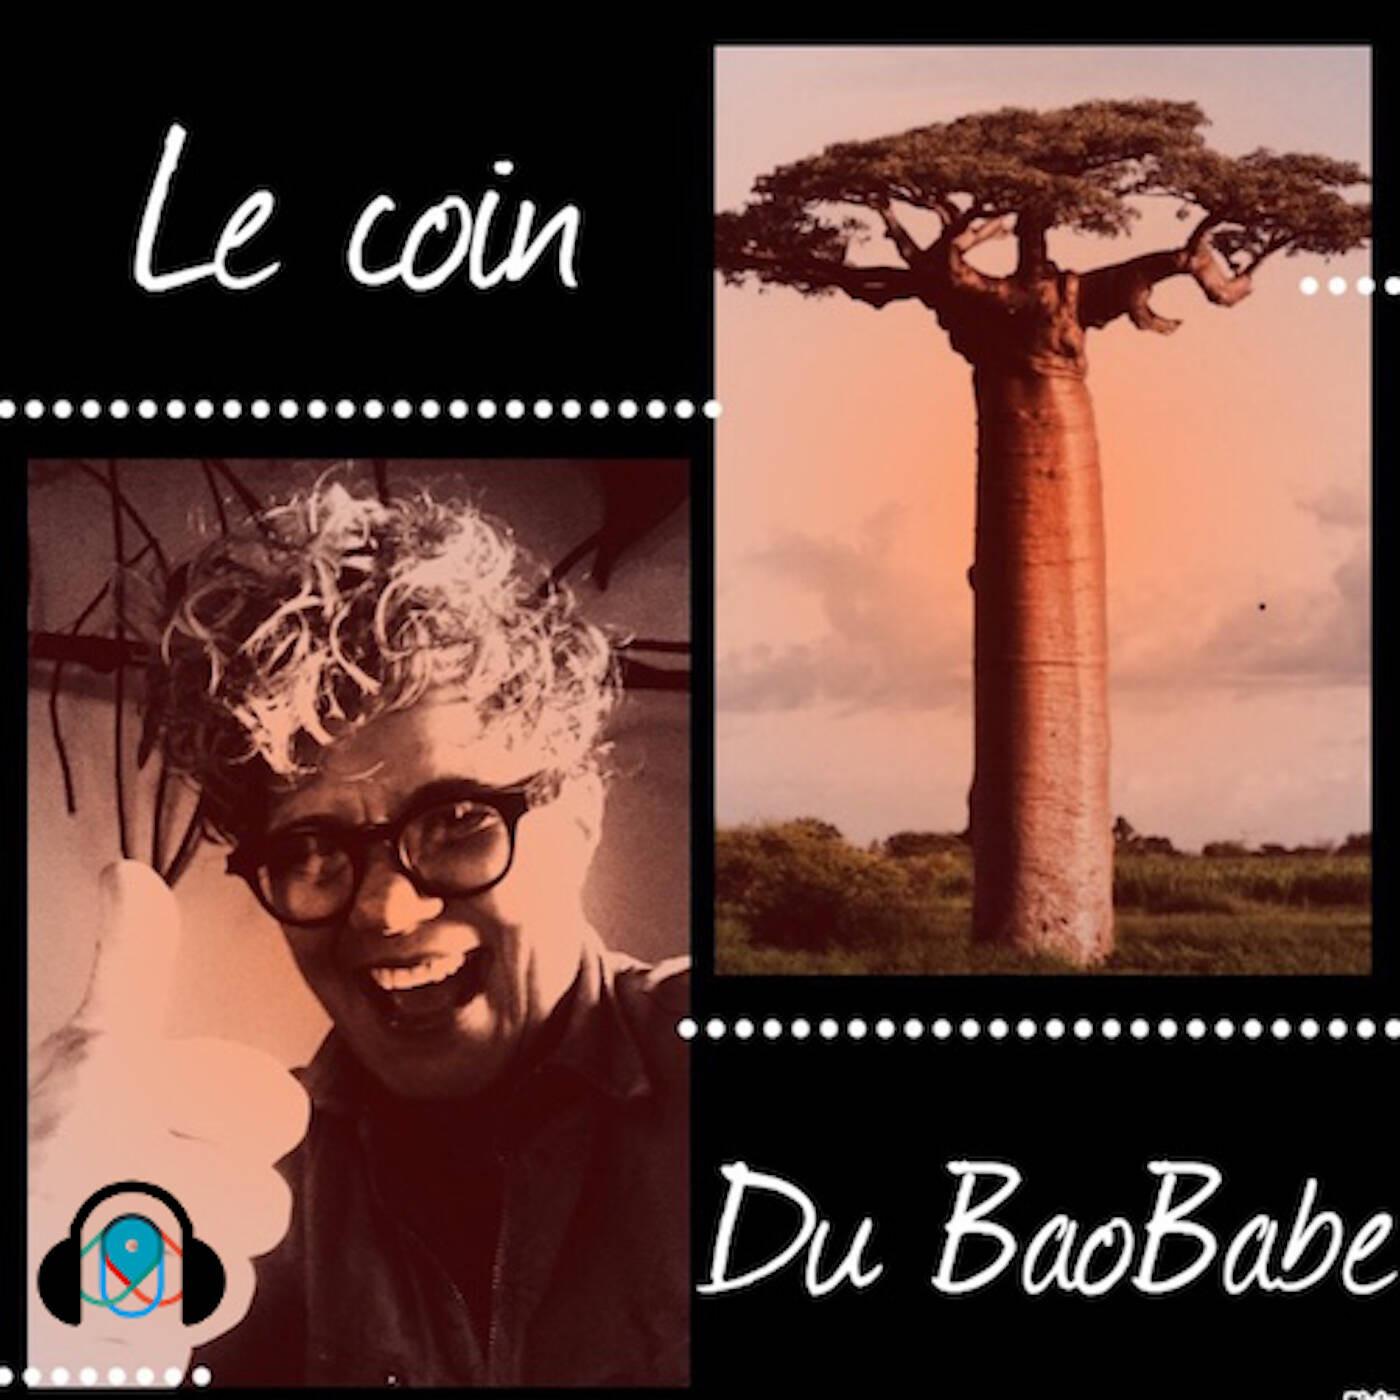 LE COIN DU BAOBABE S1E2